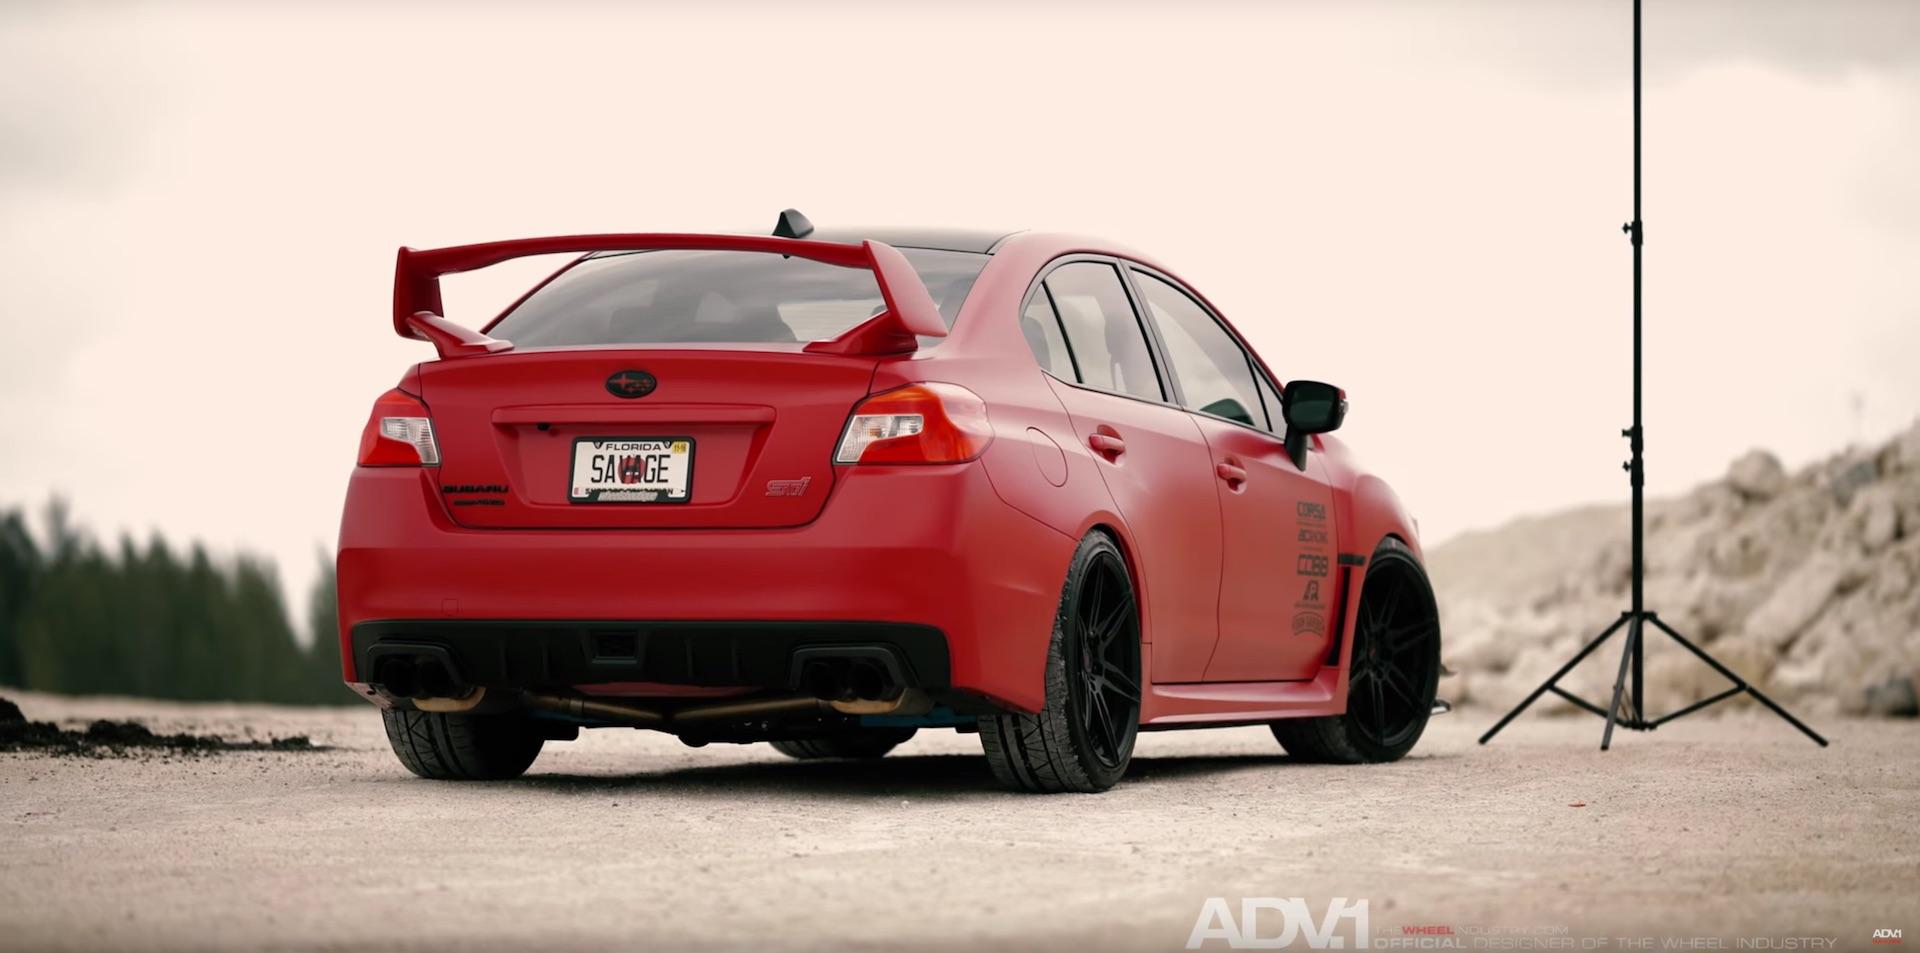 Matte Red Subaru Wrx Sti With Adv 1 Wheels Damnedwerk